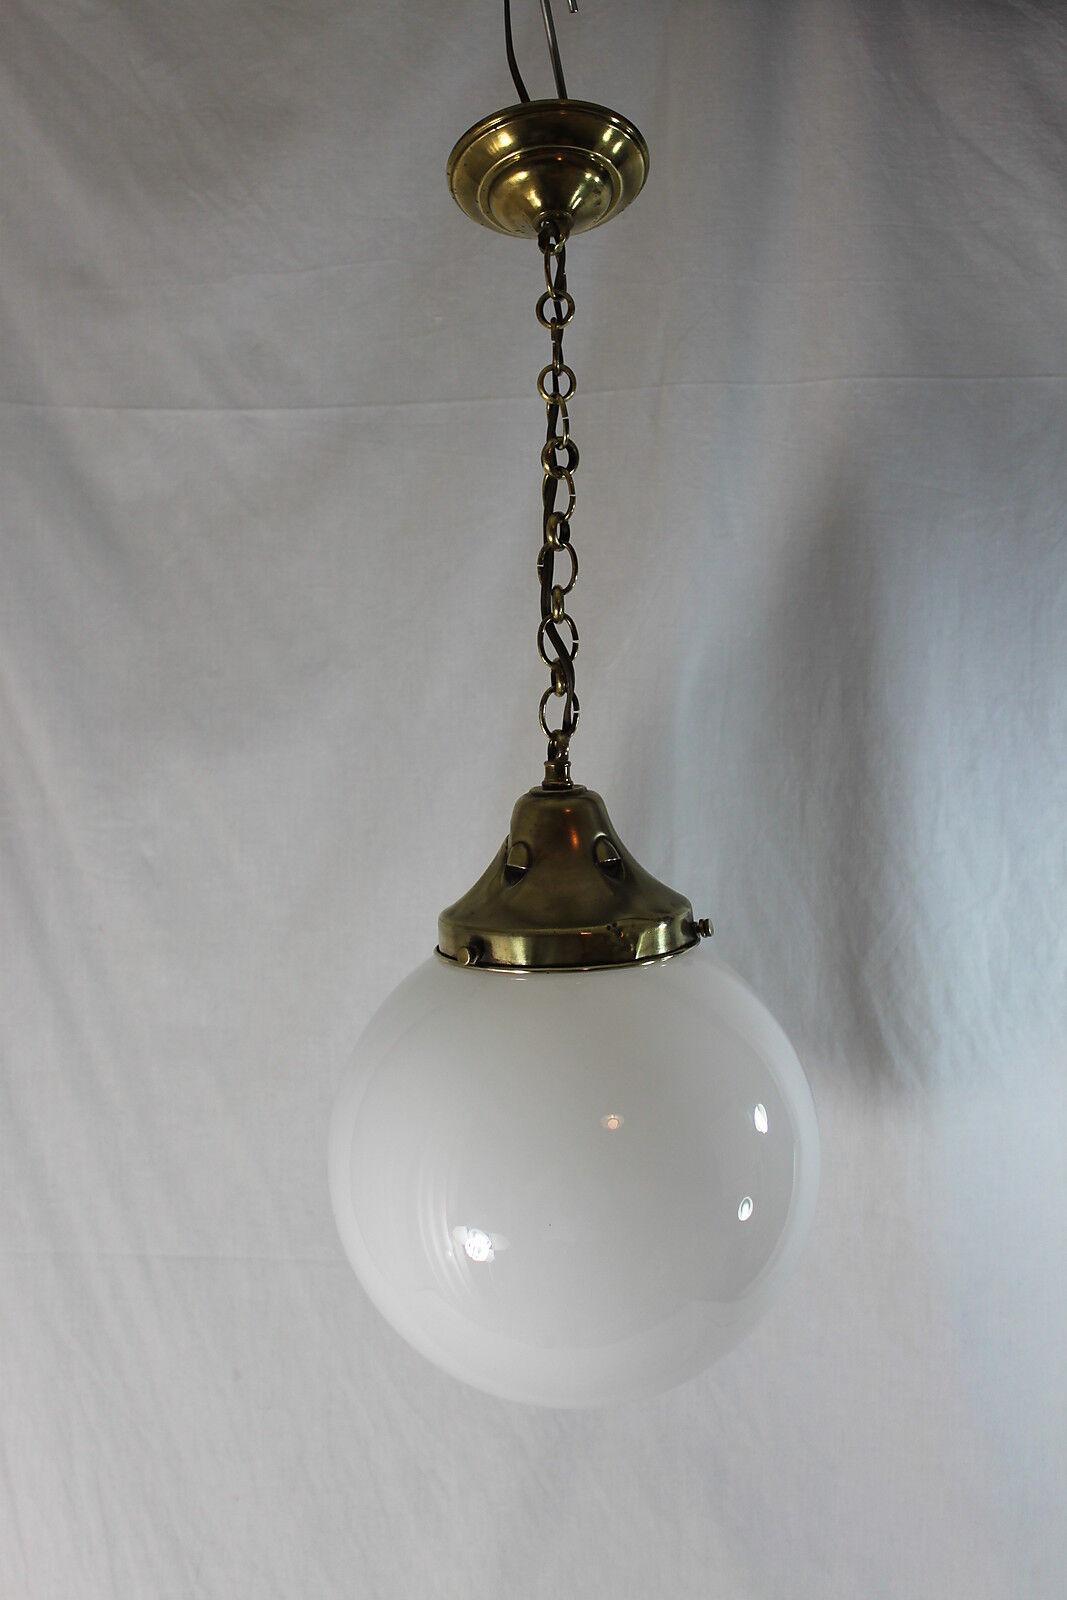 goditi il 50% di sconto ORIGINALE ART DECO opal in vetro-LAMPADA-Lampada a a a sospensione  Sito ufficiale